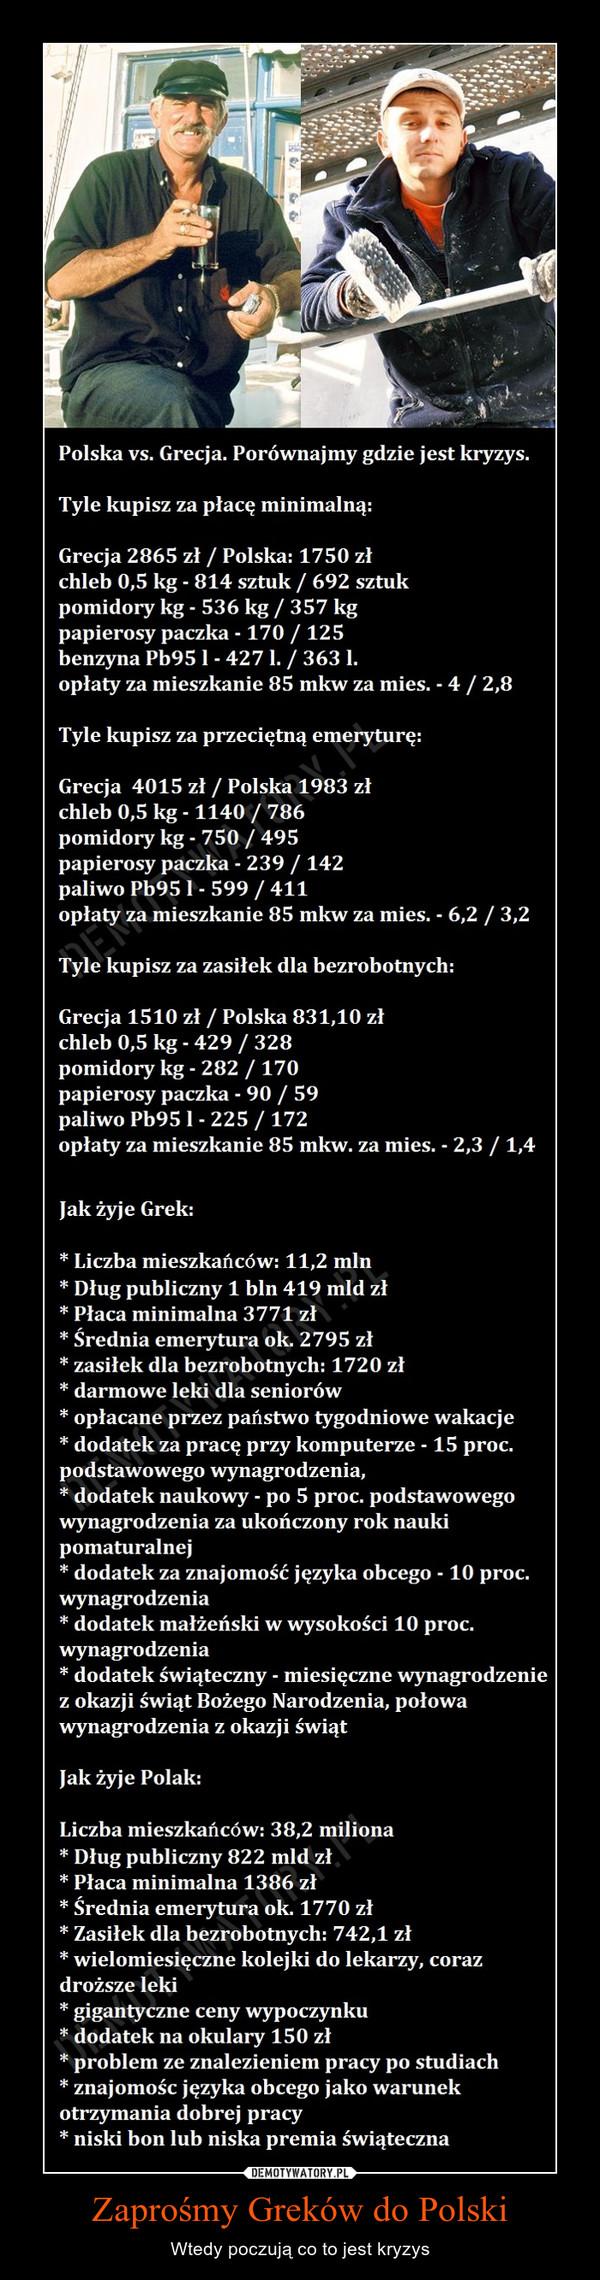 Zaprośmy Greków do Polski – Wtedy poczują co to jest kryzys  Polska vs. Grecja. Porównajmy gdzie jest kryzys. Tyle kupisz za płacę minimalną: Grecja 2865 zł / Polska: 1750 zł chleb 0,5 kg - 814 sztuk / 692 sztuk pomidory kg - 536 kg / 357 kg papierosy paczka - 170 / 125 benzyna Pb951- 4271. / 363 1. opłaty za mieszkanie 85 mkw za mies. - 4 / 2,8 Tyle kupisz za przeciętną emeryturę: Grecja 4015 zł / Polska 1983 zł chleb 0,5 kg - 1140 / 786 pomidory kg - 750 / 495 papierosy paczka - 239 / 142 paliwo Pb95 1- 599 / 411 opłaty za mieszkanie 85 mkw za mies. - 6,2 / 3,2 Tyle kupisz za zasiłek dla bezrobotnych: Grecja 1510 zł / Polska 831,10 zł chleb 0,5 kg - 429 / 328 pomidory kg - 282 / 170 papierosy paczka - 90 / 59 paliwo Pb95 1 - 225 / 172 opłaty za mieszkanie 85 mkw. za mies. - 2,3 / 1,4 Jak żyje Grek: * Liczba mieszkańców: 11,2 mln * Dług publiczny 1 bln 419 mld zł * Płaca minimalna 3771 zł * Średnia emerytura ok. 2795 zł * zasiłek dla bezrobotnych: 1720 zł * darmowe leki dla seniorów * opłacane przez państwo tygodniowe wakacje * dodatek za pracę przy komputerze - 15 proc. podstawowego wynagrodzenia, * dodatek naukowy - po 5 proc. podstawowego wynagrodzenia za ukończony rok nauki pomaturalnej * dodatek za znajomość języka obcego - 10 proc. wynagrodzenia * dodatek małżeński w wysokości 10 proc. wynagrodzenia * dodatek świąteczny - miesięczne wynagrodzenie z okazji świąt Bożego Narodzenia, połowa wynagrodzenia z okazji świąt Jak żyje Polak: Liczba mieszkańców: 38,2 miliona * Dług publiczny 822 mld zł * Płaca minimalna 1386 zł * Średnia emerytura ok. 1770 zł * Zasiłek dla bezrobotnych: 742,1 zł * wielomiesięczne kolejki do lekarzy, coraz droższe leki * gigantyczne ceny wypoczynku * dodatek na okulary 150 zł * problem ze znalezieniem pracy po studiach * znajomość języka obcego jako warunek otrzymania dobrej pracy * niski bon lub niska premia świąteczna